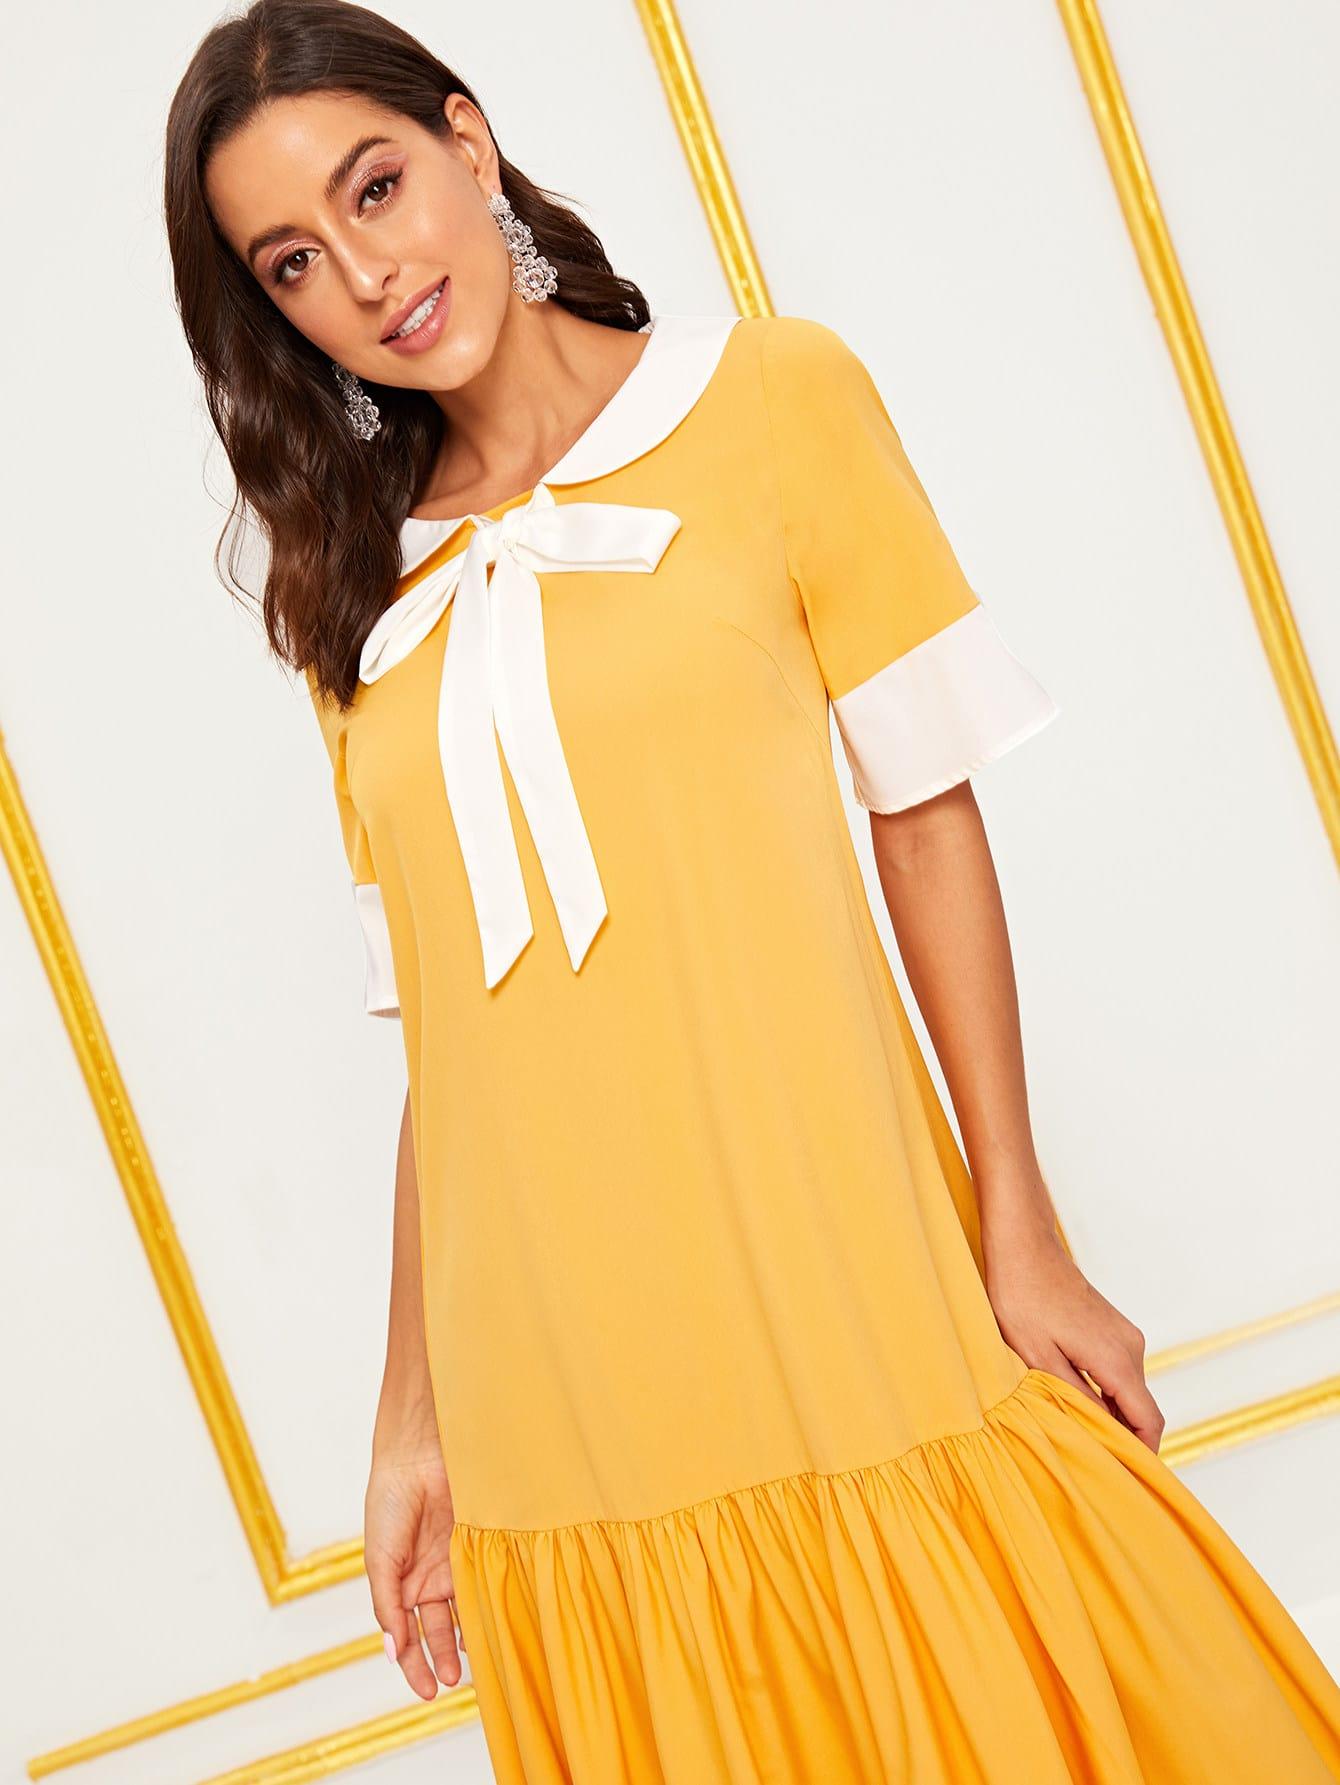 Elegant Einfarbig Gelb Kleider | SHEIN